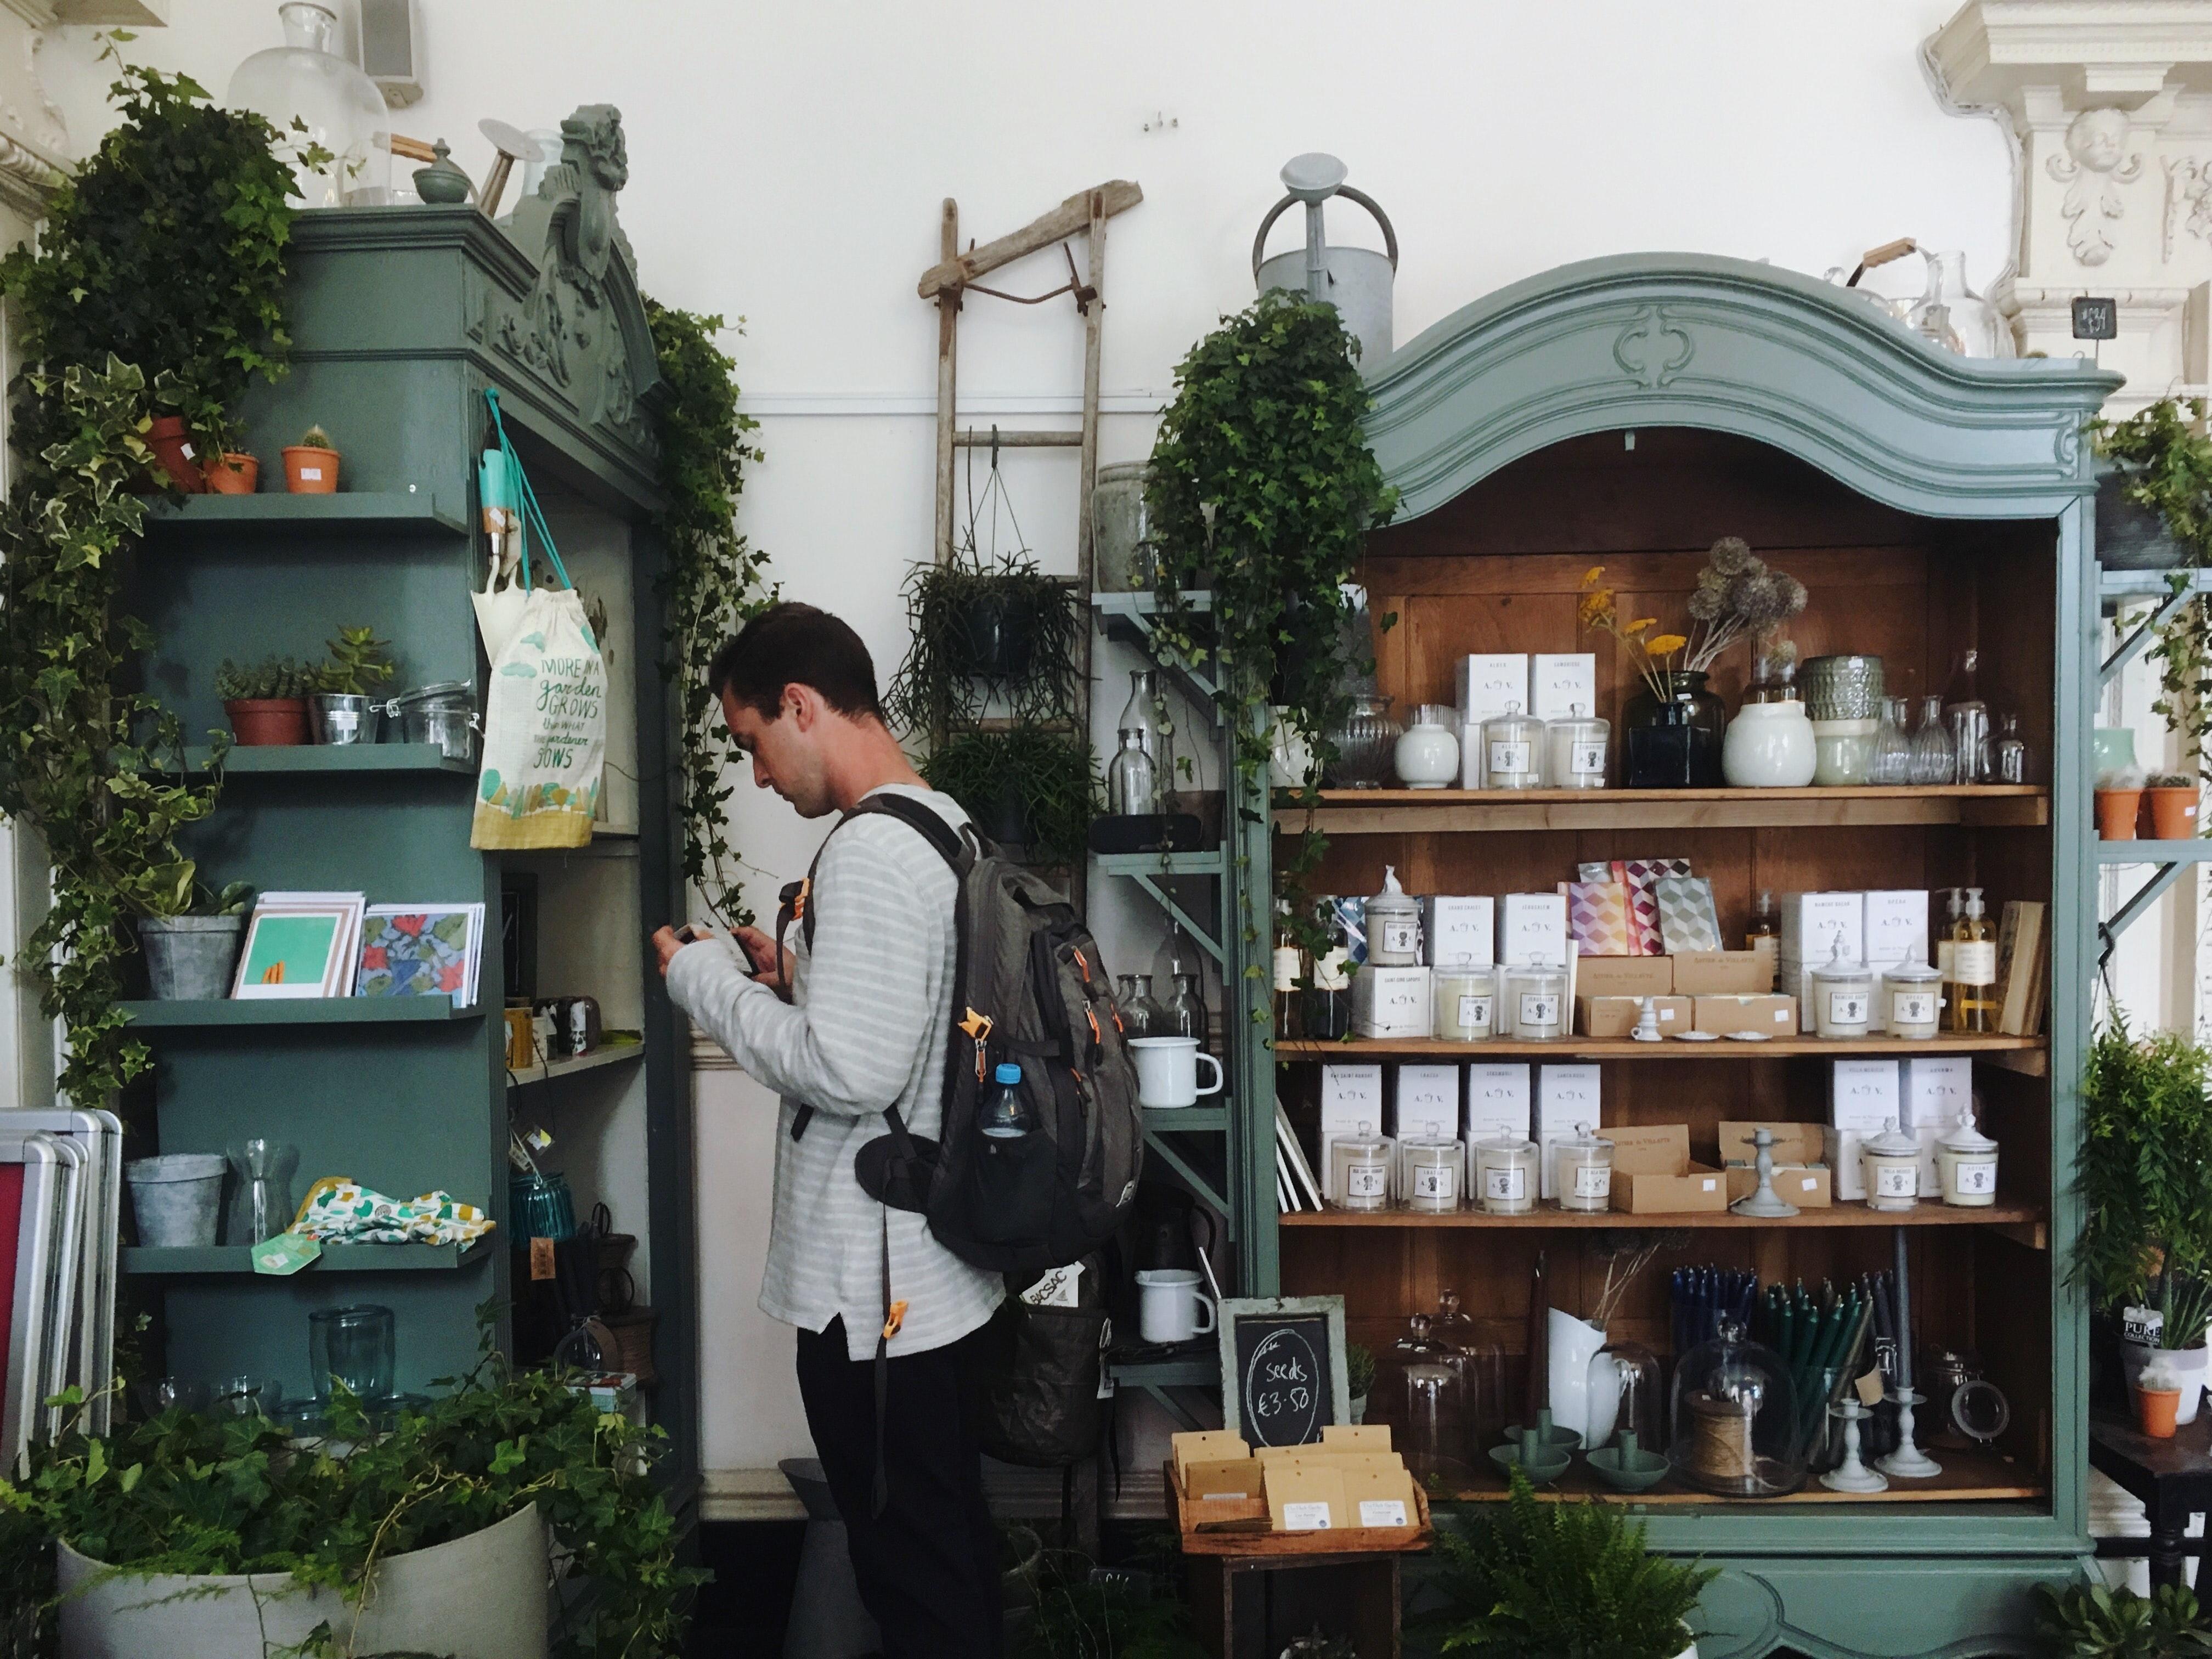 Customer Shop Photo by Ellen Auer on Unsplash